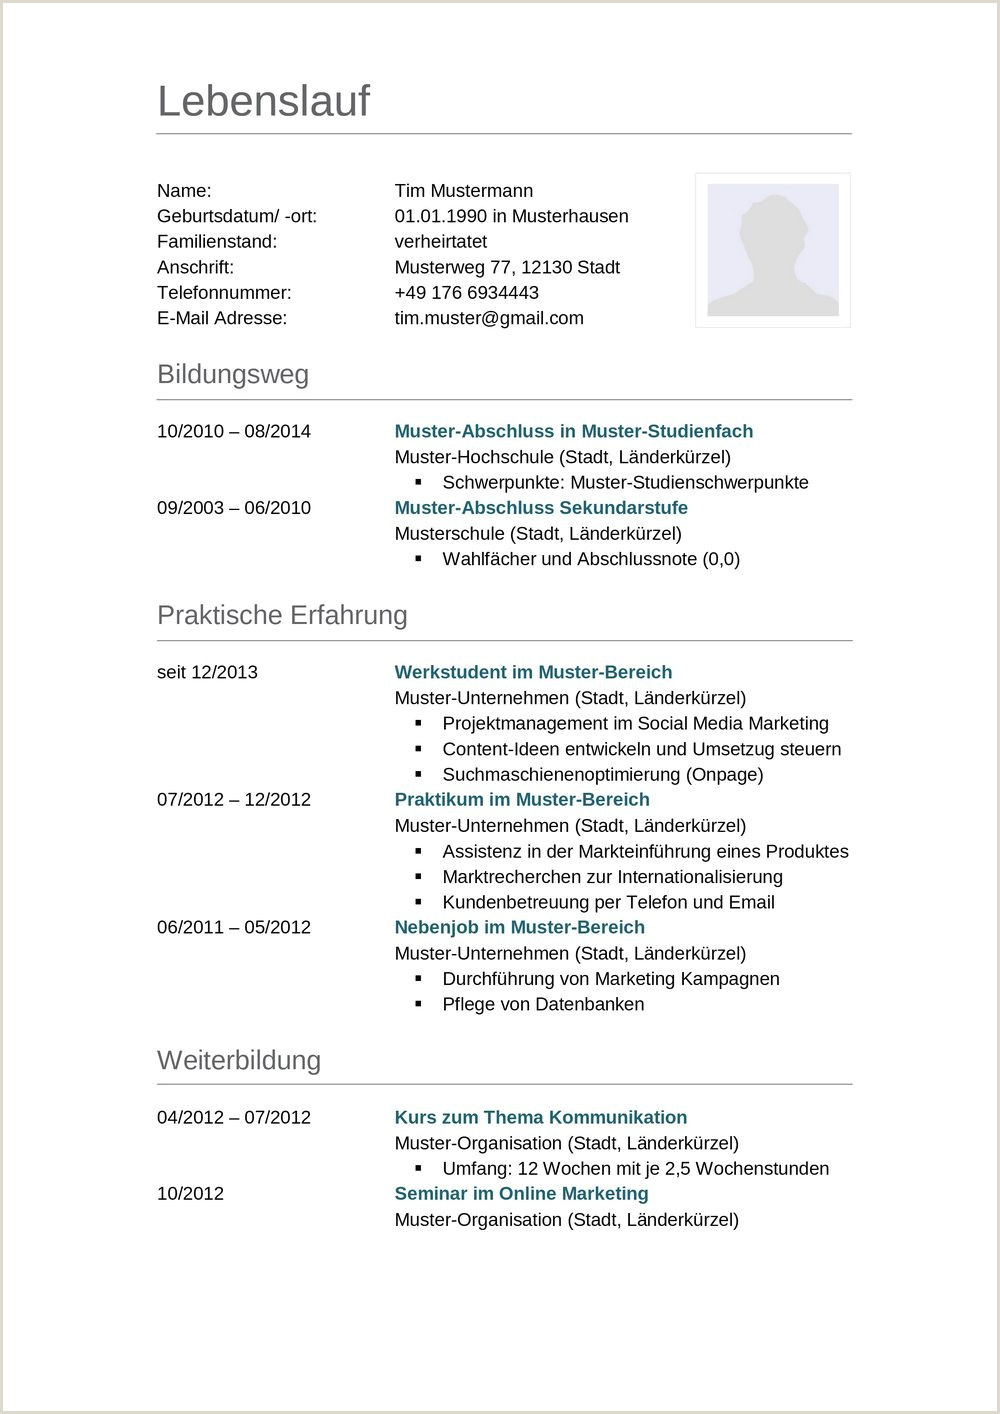 Lebenslauf Vorlage Schüler Vorlage 1 Mahnung Muster 2019 01